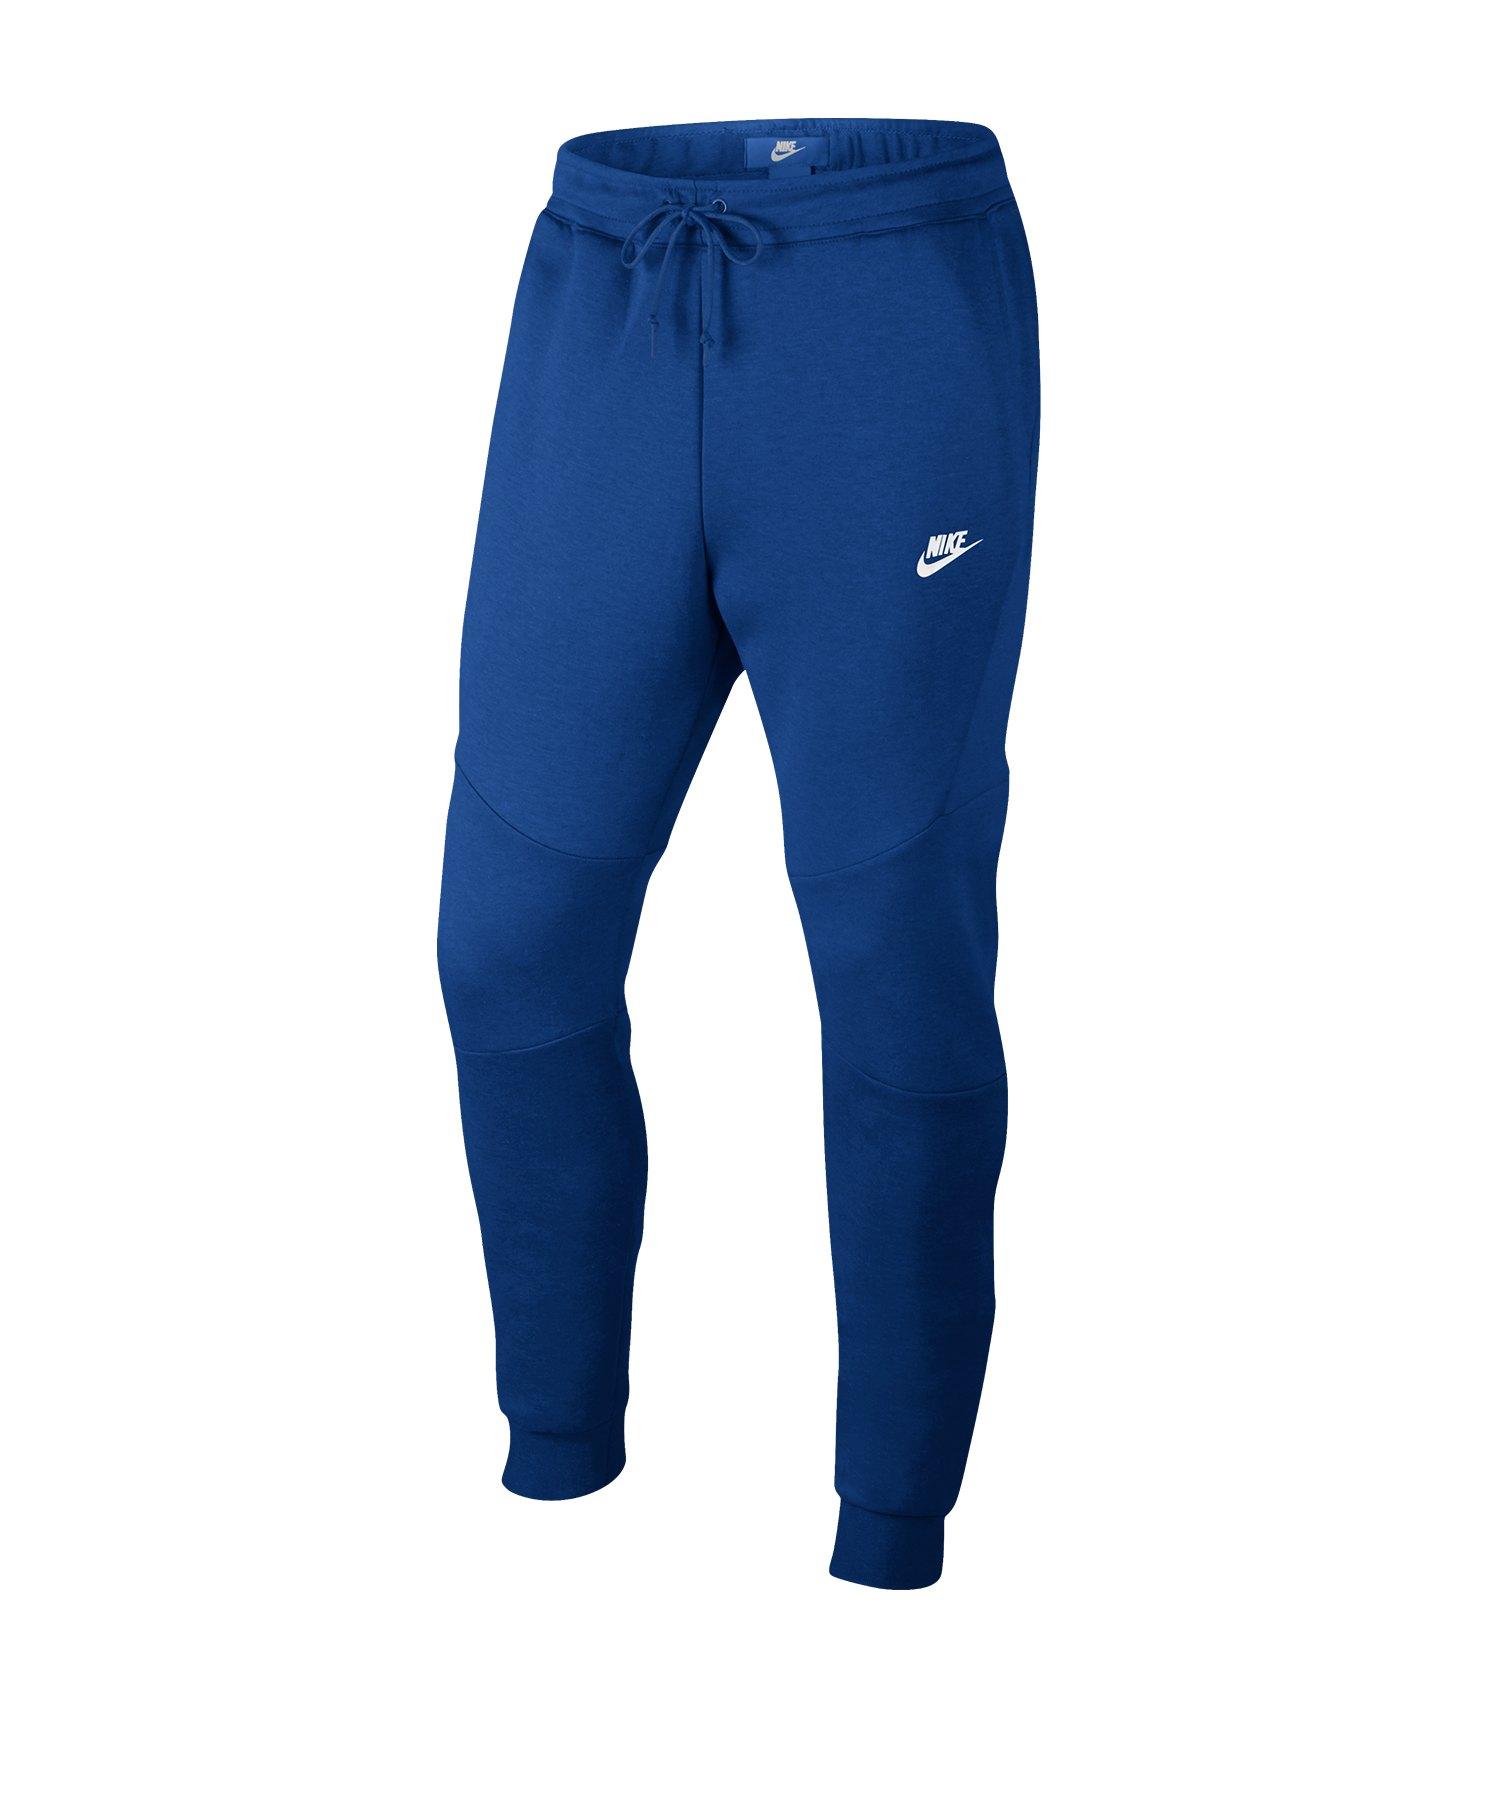 echt kaufen Verkauf Einzelhändler klare Textur Nike Tech Fleece Jogginghose Blau Weiss F438